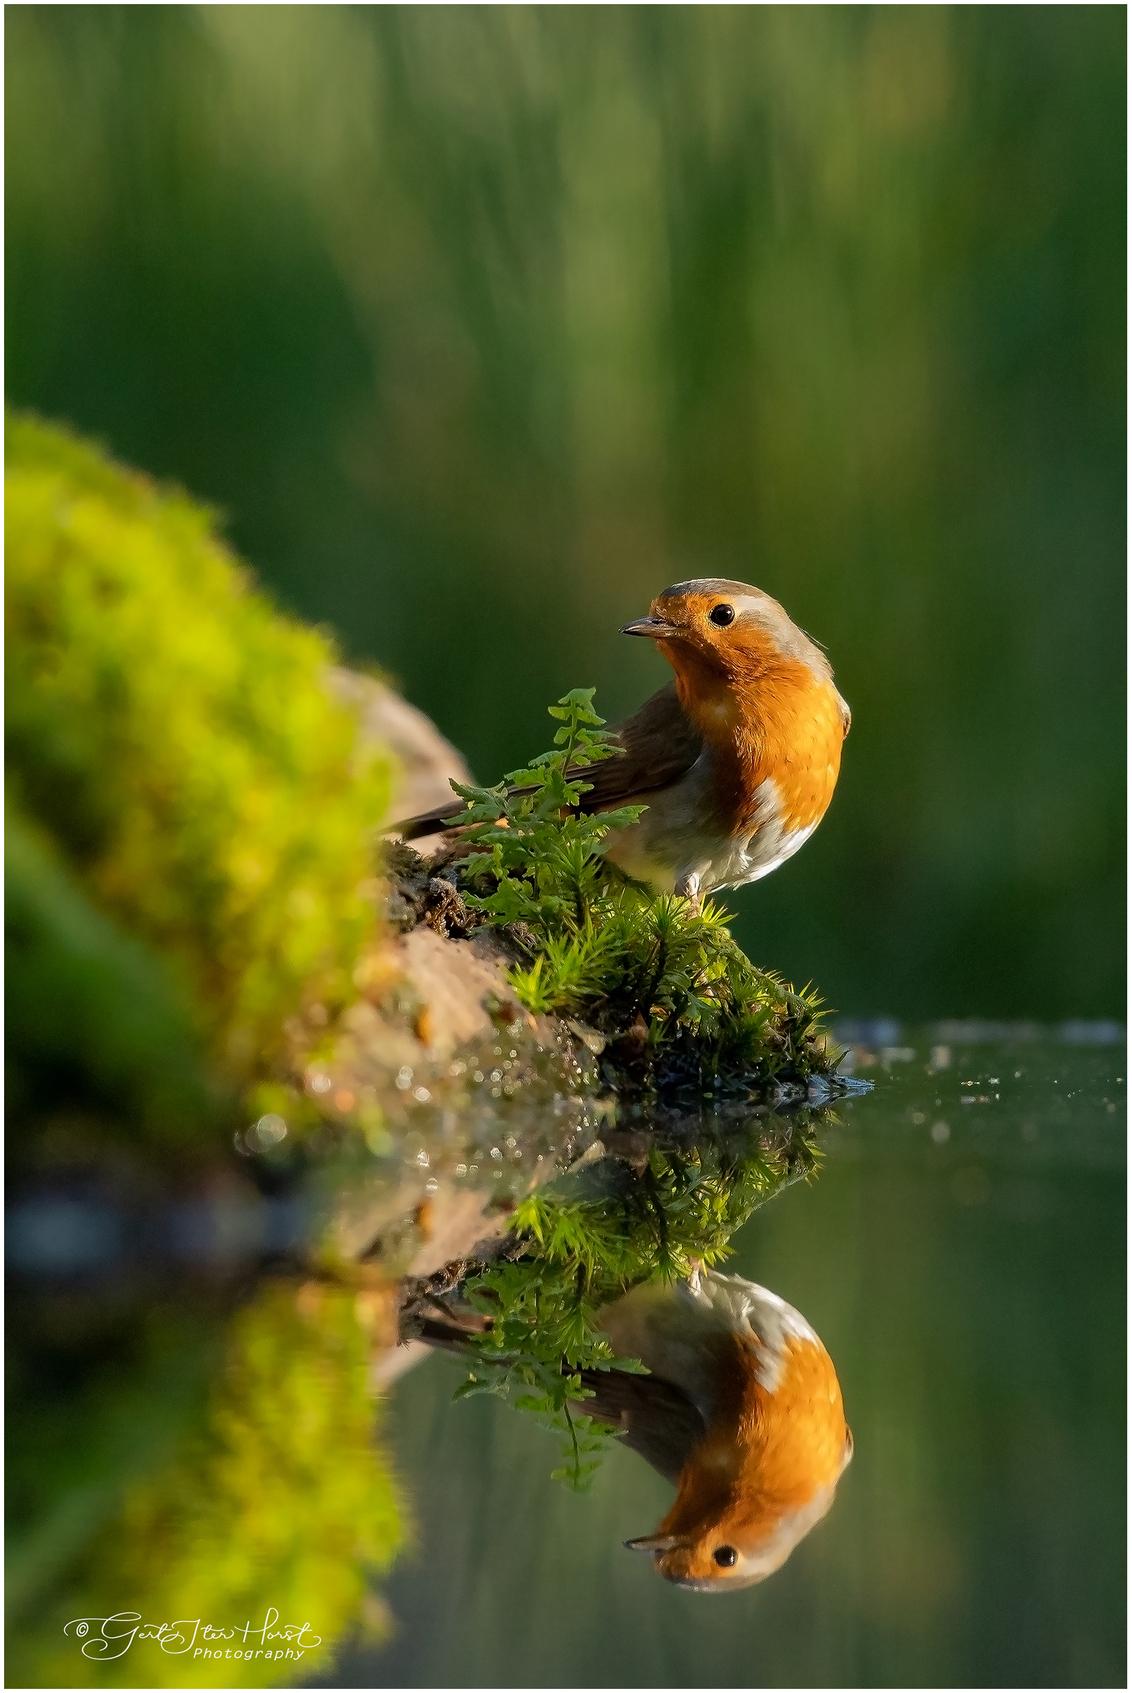 Reflectie - Ik vind foto's met een scherpe reflectie altijd spannend. Dit Roodborstje ging er even goed voor zitten naast een varentje. - foto door Gertj123 op 17-05-2020 - deze foto bevat: water, natuur, roodborstje, dieren, vogel, wildlife, zangvogel